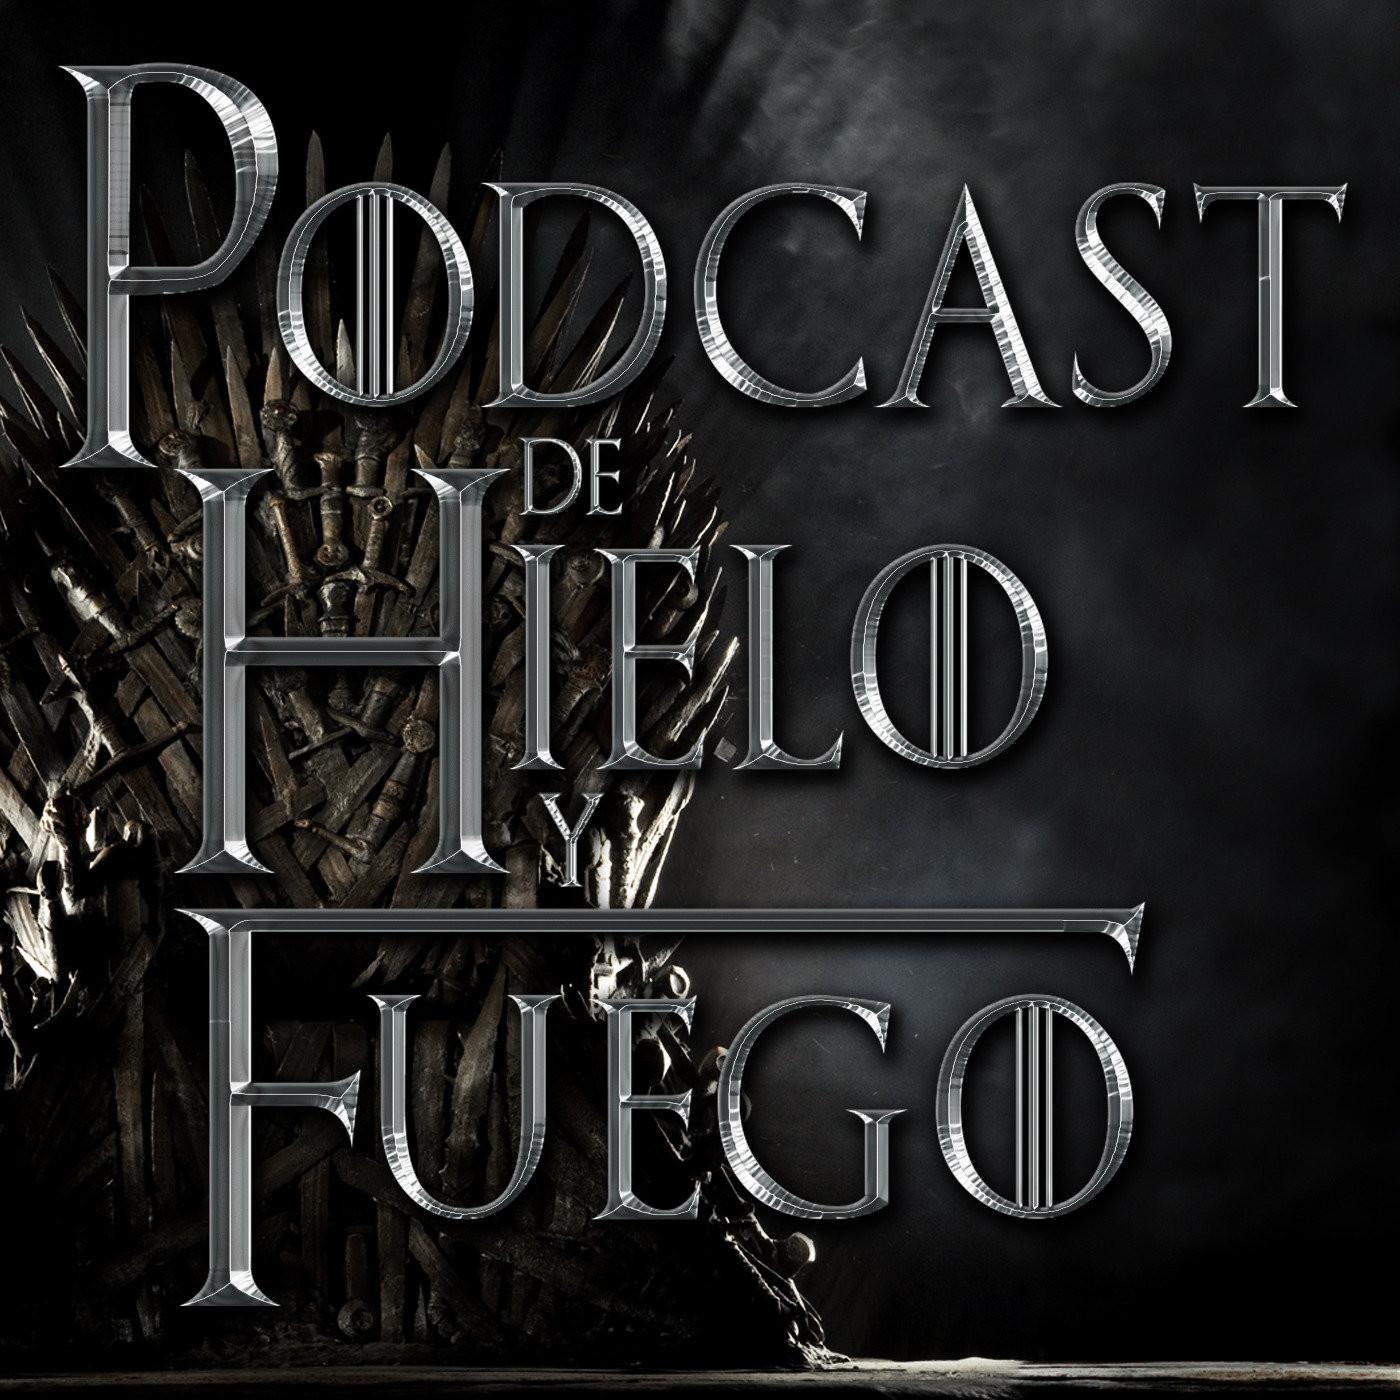 Podcast de Hielo y Fuego